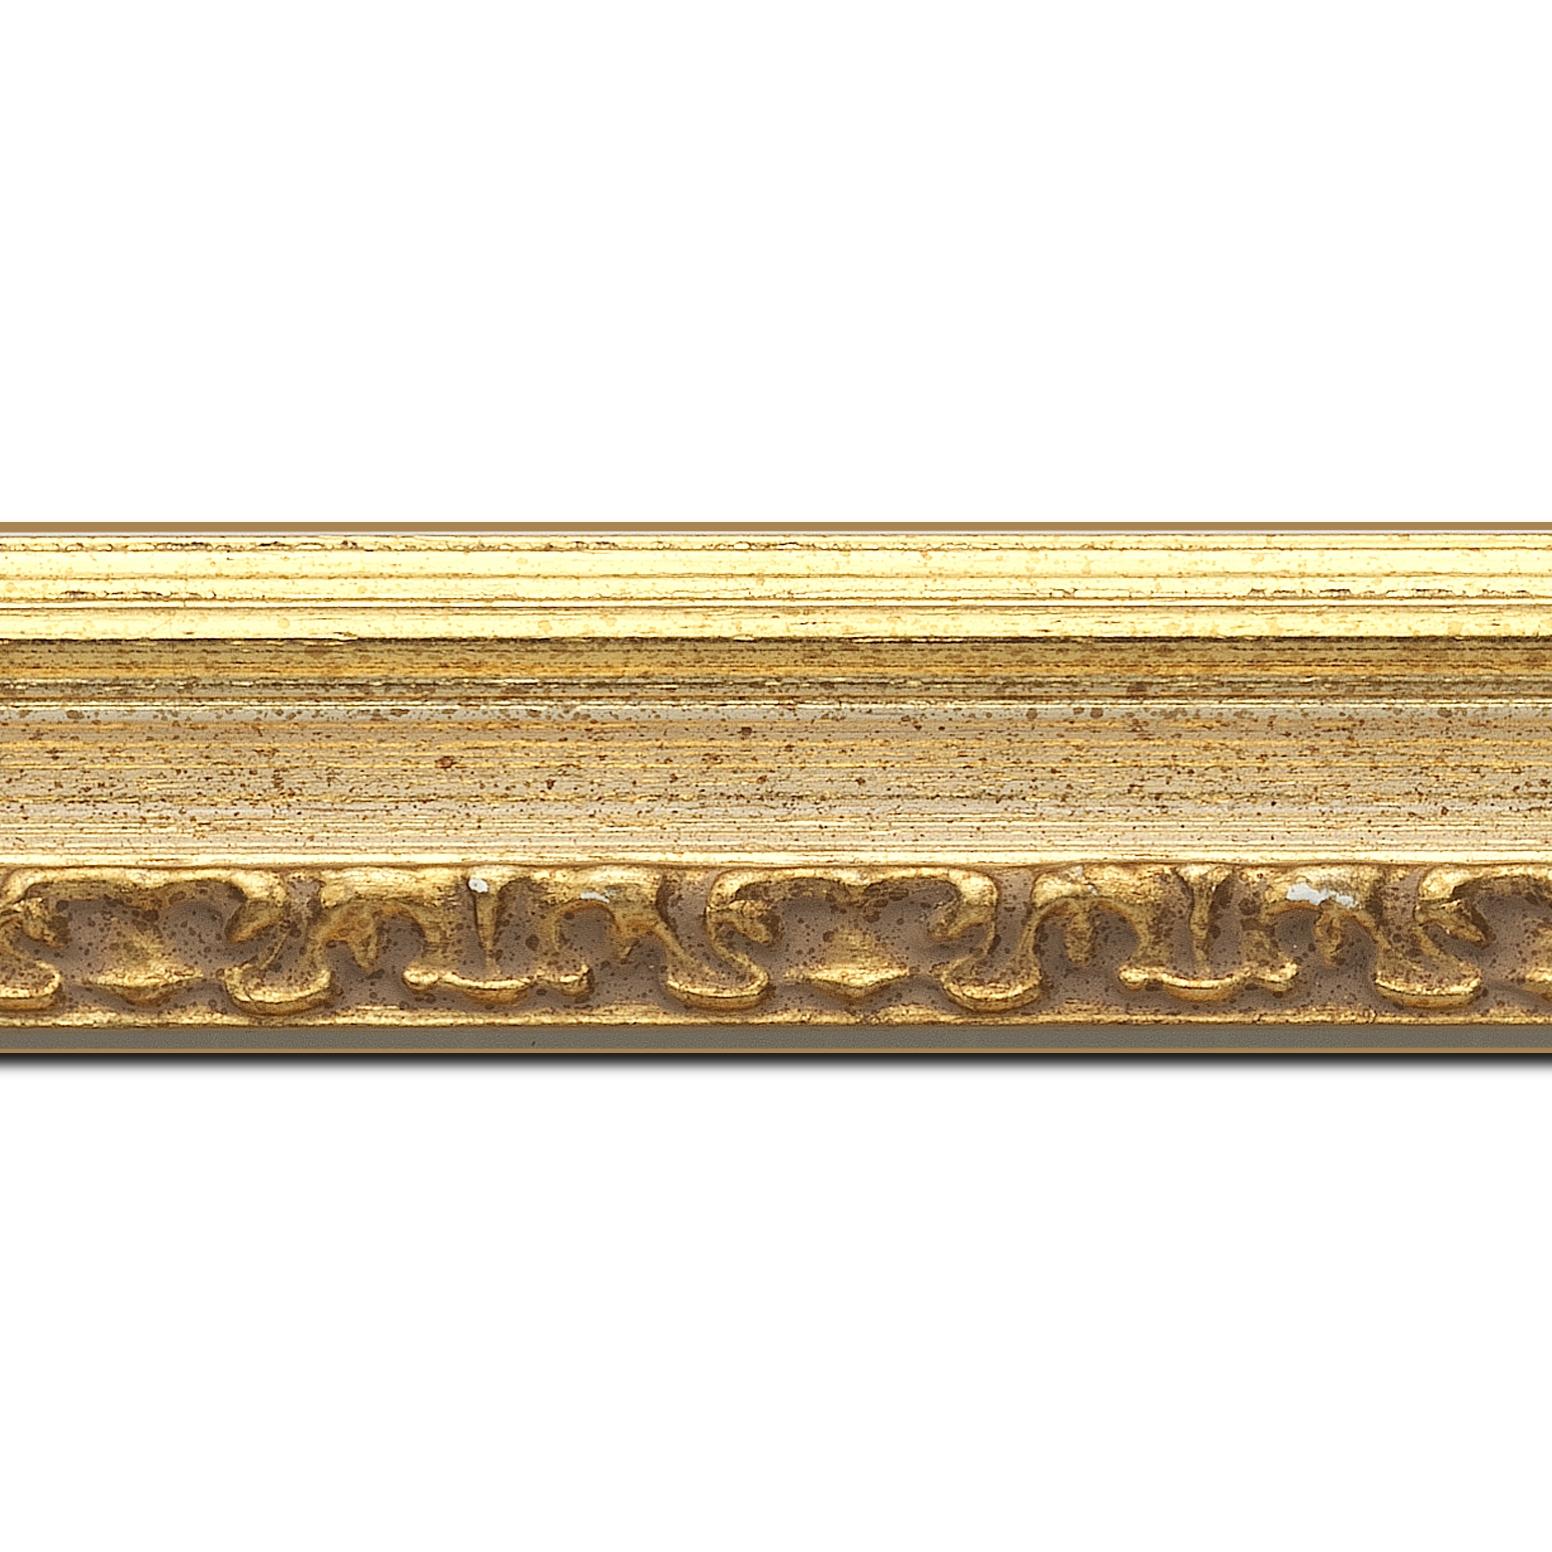 Baguette longueur 1.40m bois profil incurvé largeur 5.1cm couleur or patiné à la feuille gorge crème fond or nez ornement